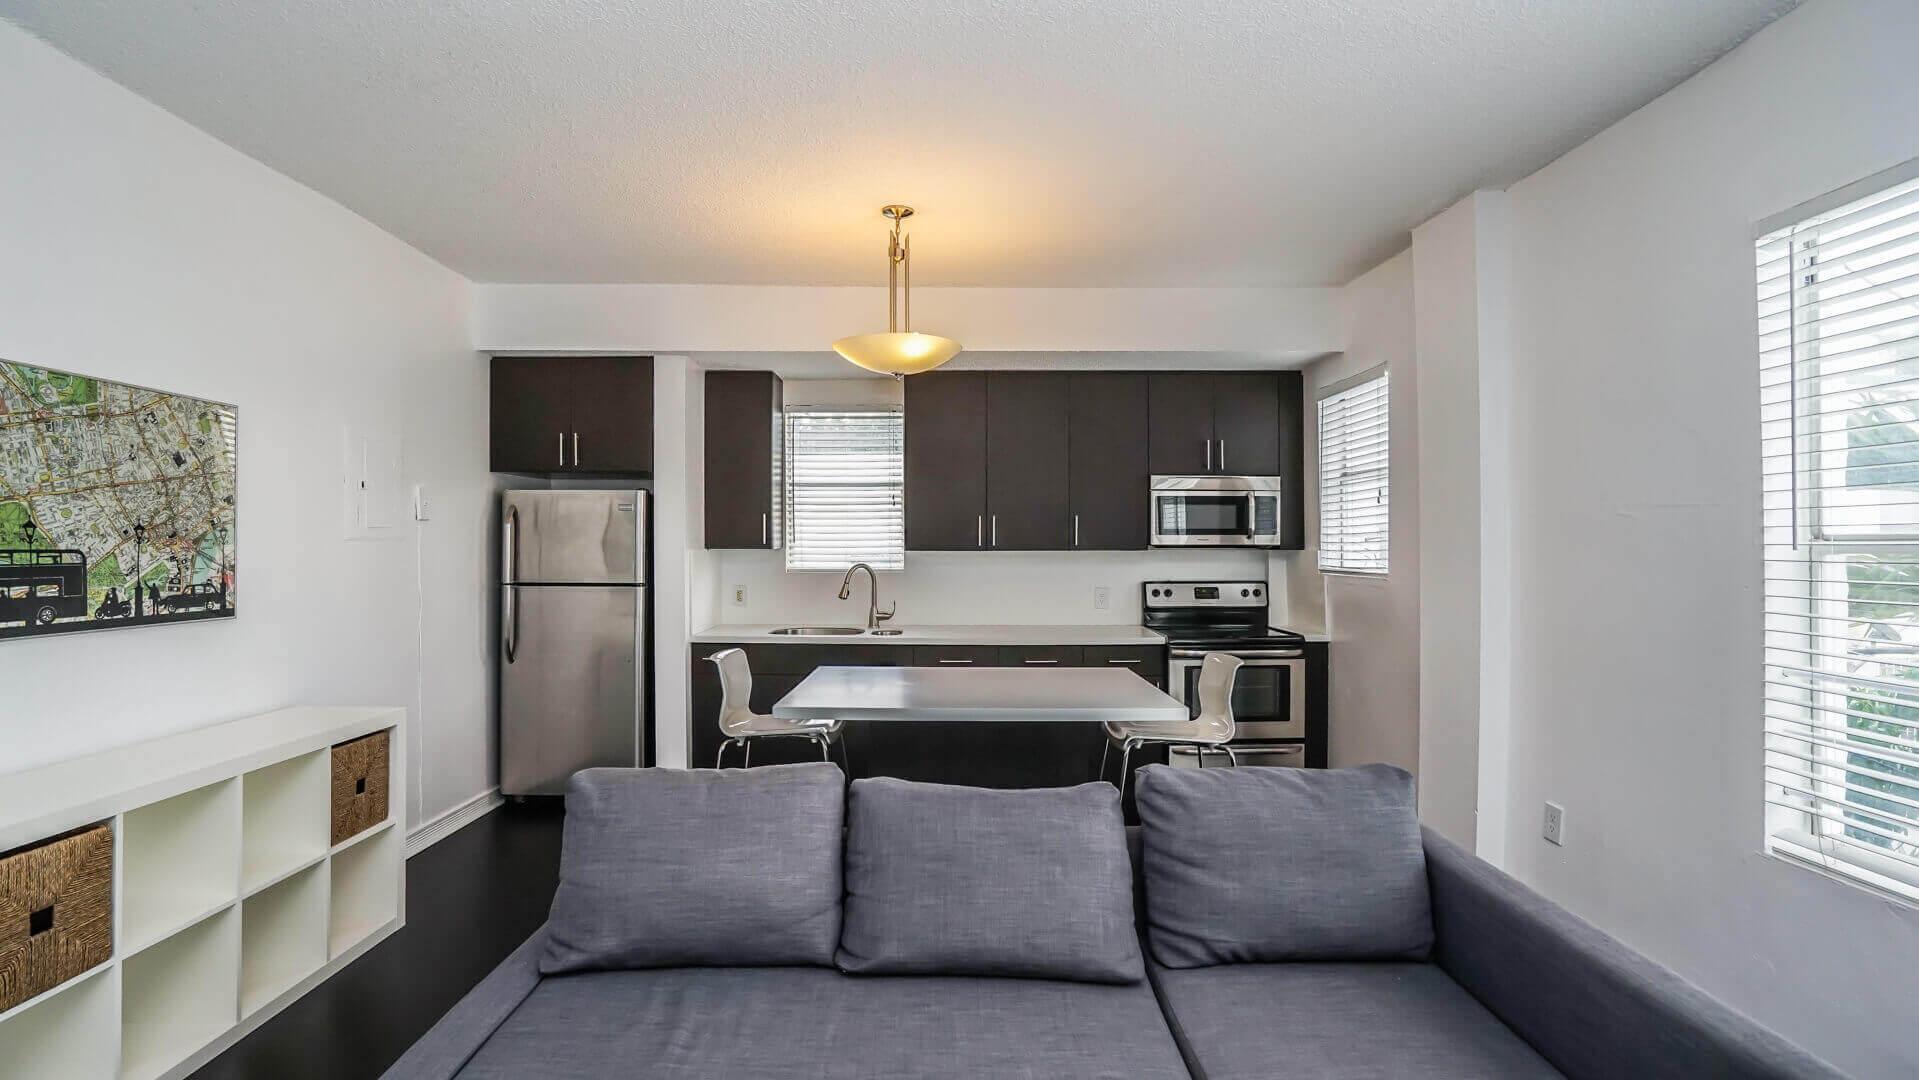 acheter un appartement a miami